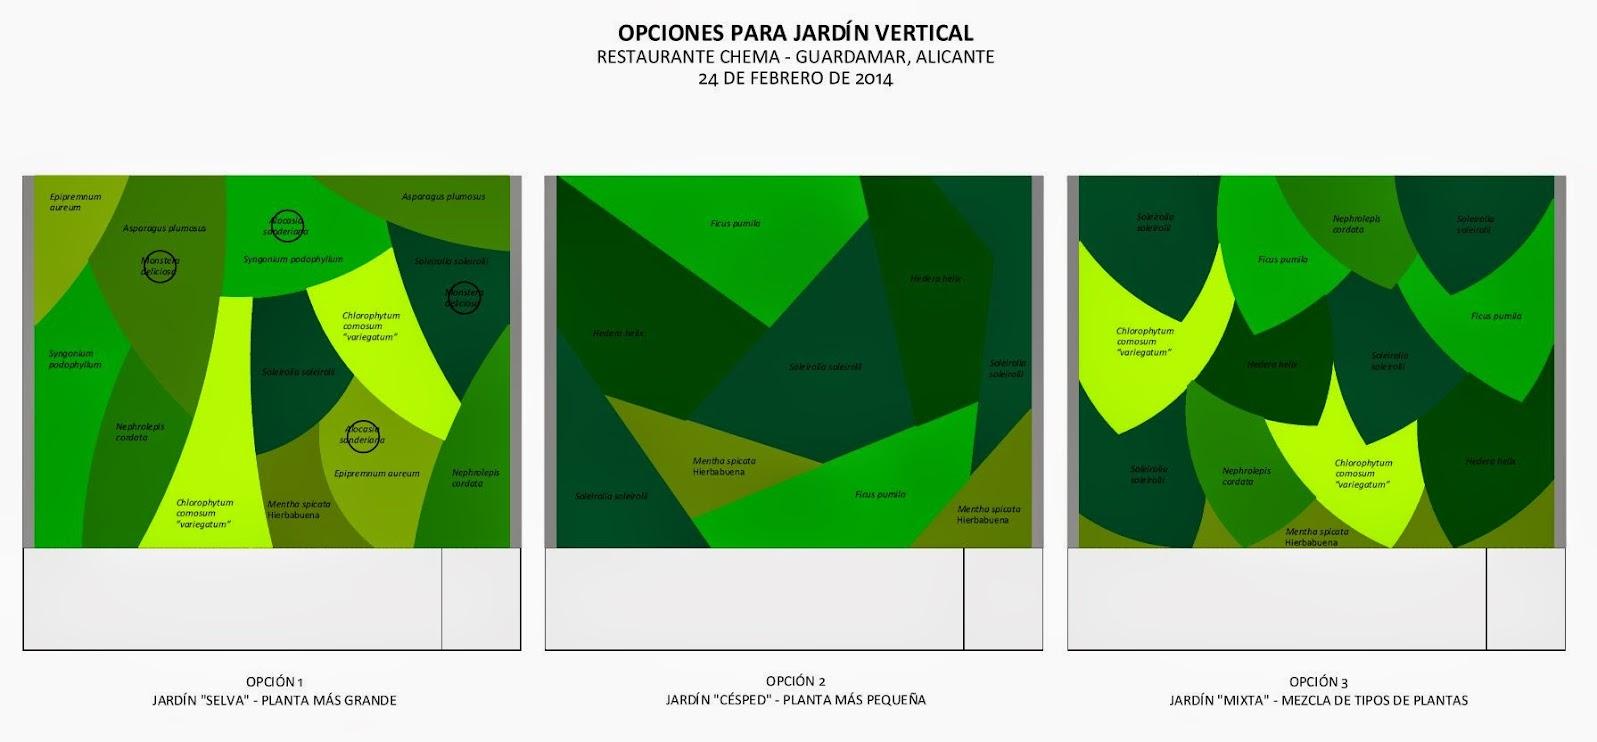 jardín vertical F+P mixto jardines verticales guardamar alicante diseño plano